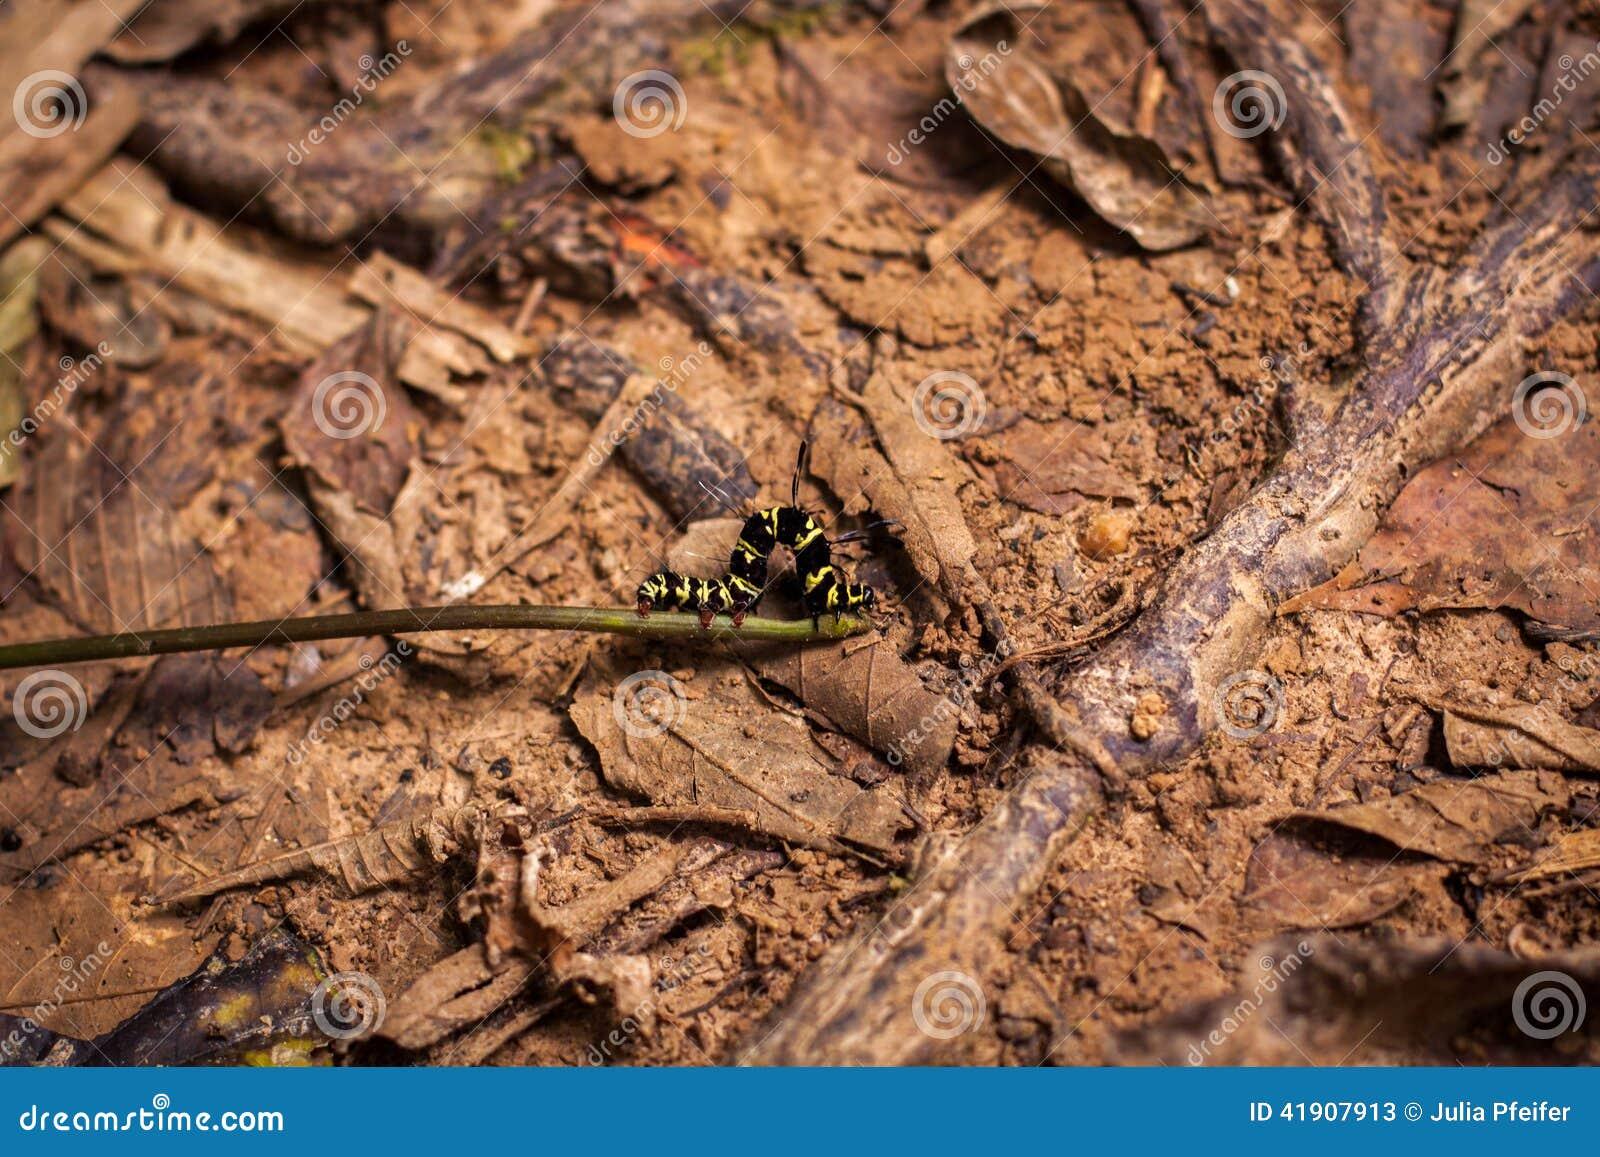 Chenille jaune et noire ray e photo stock image 41907913 - Chenille verte et noire ...